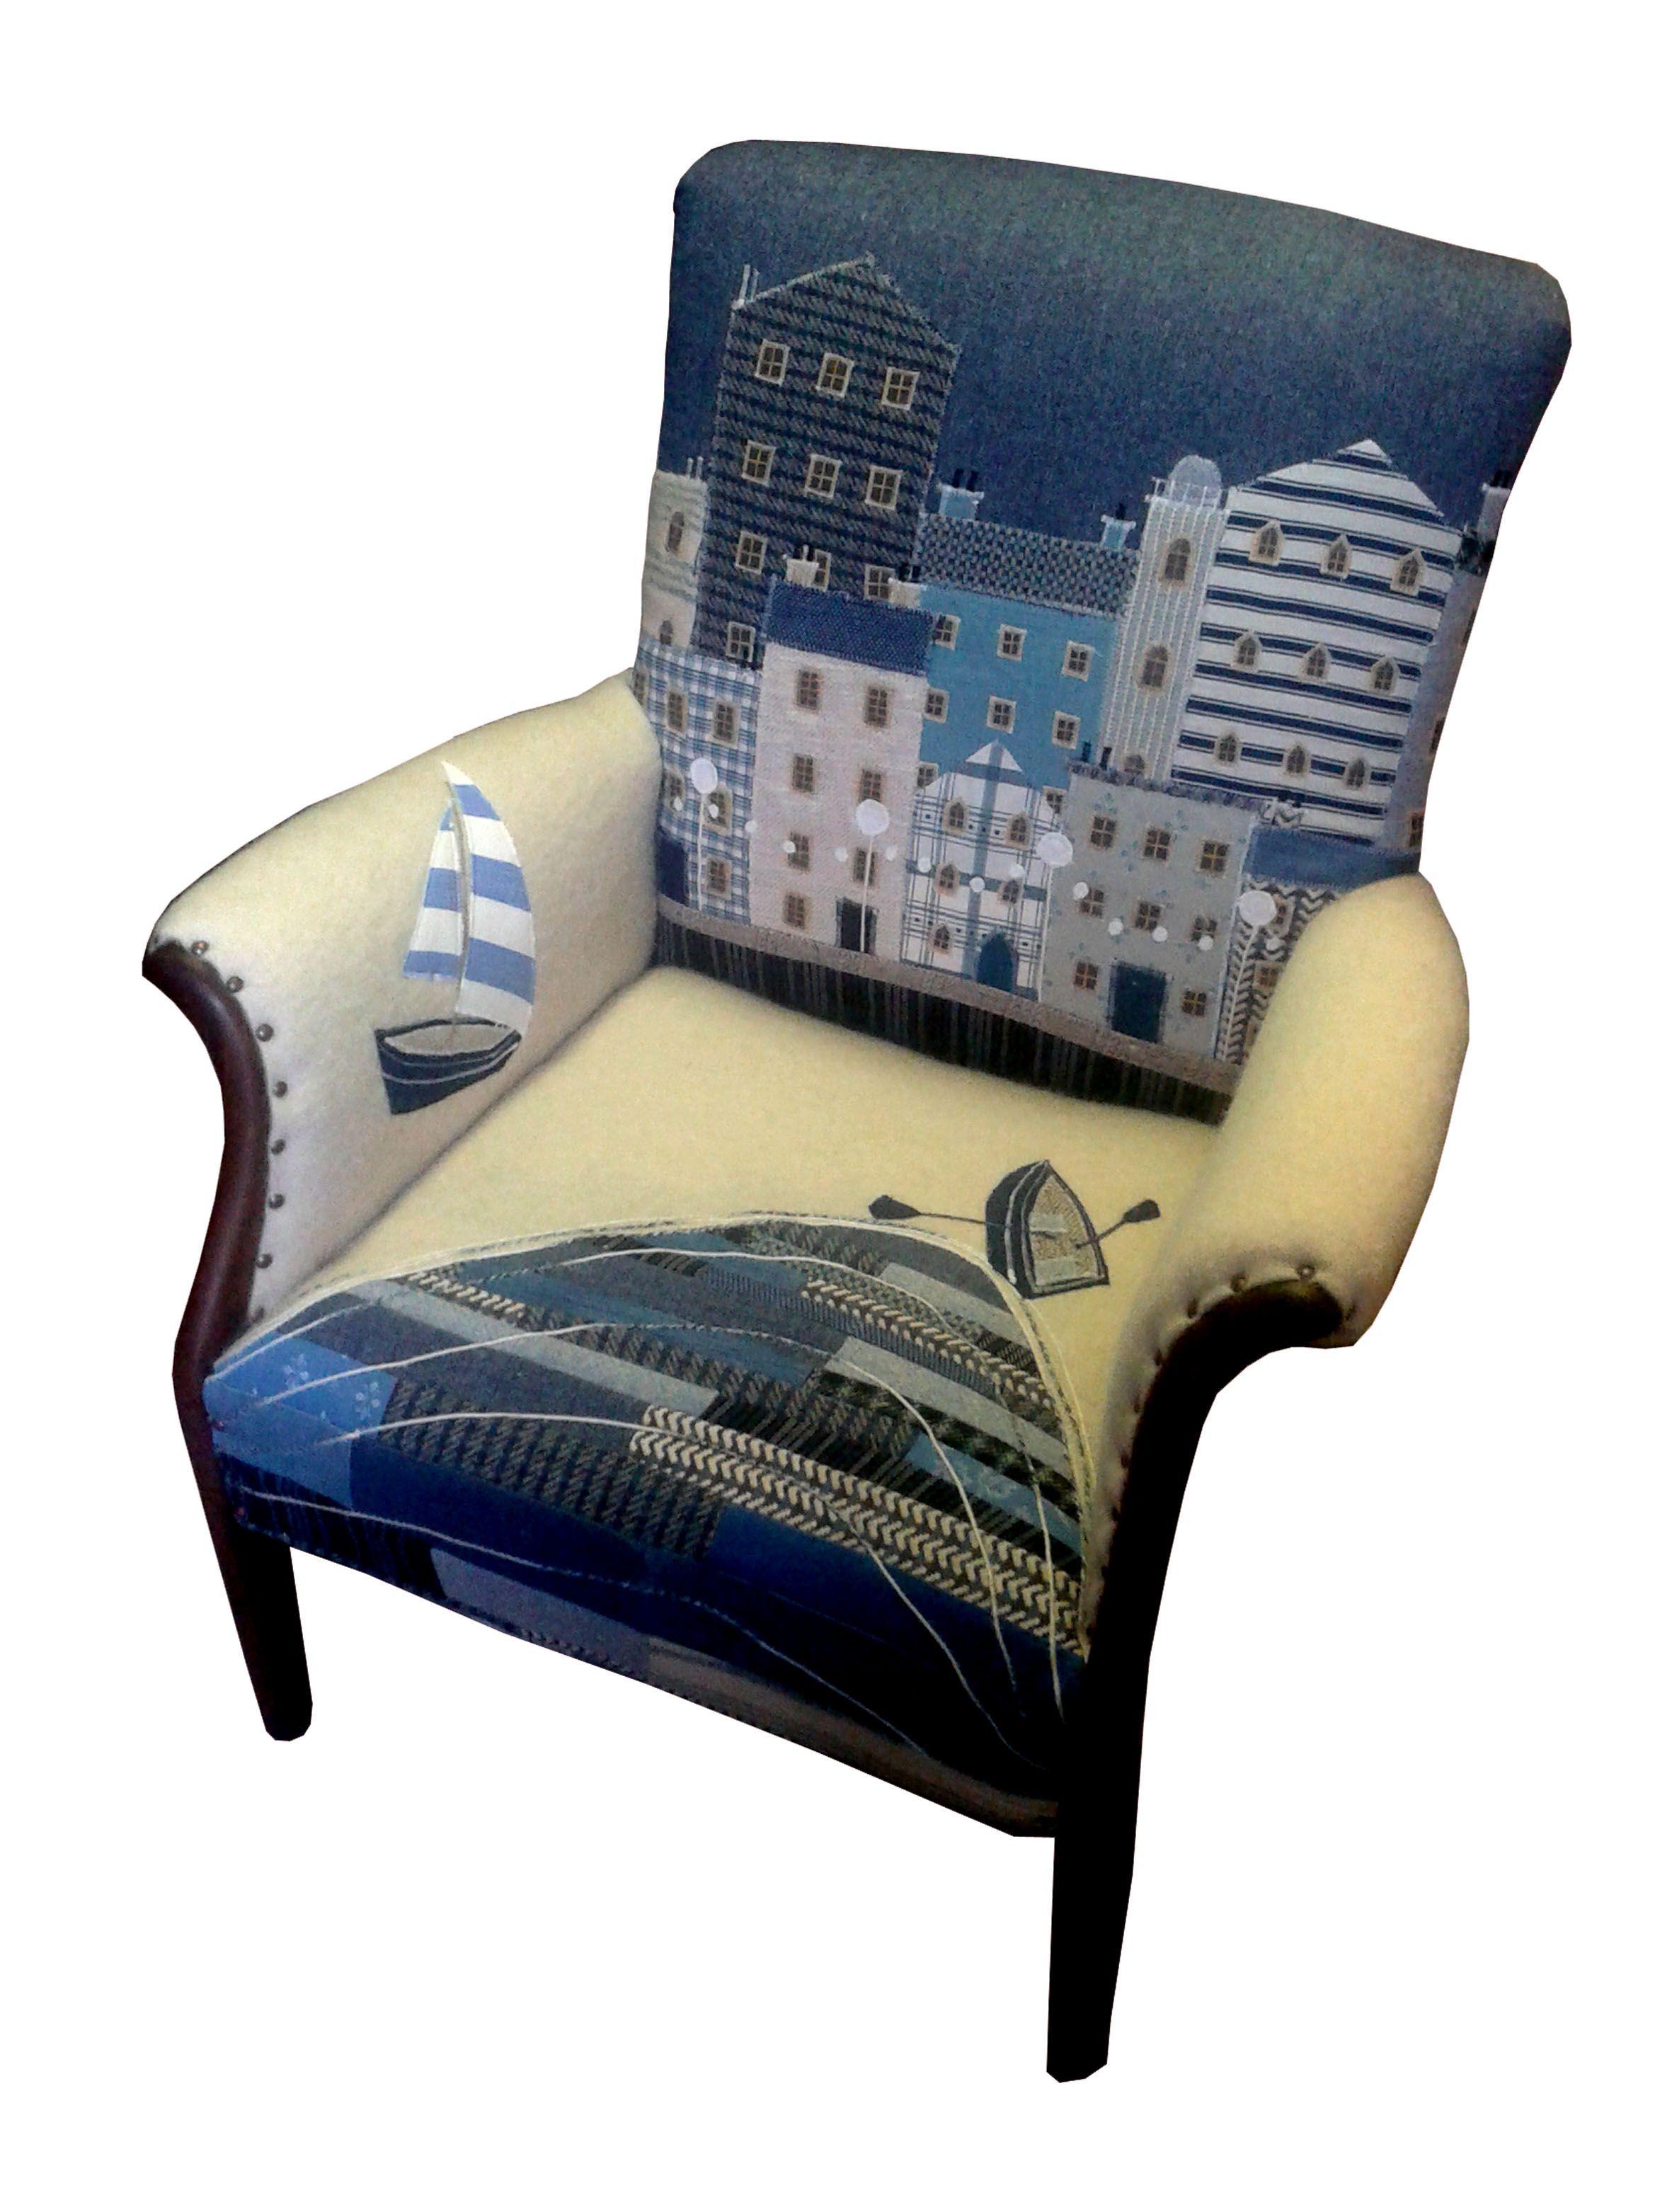 Unglaublich Ausgefallene Sessel Das Beste Von Superblique & Patchwork Chair By Rustique Interiors